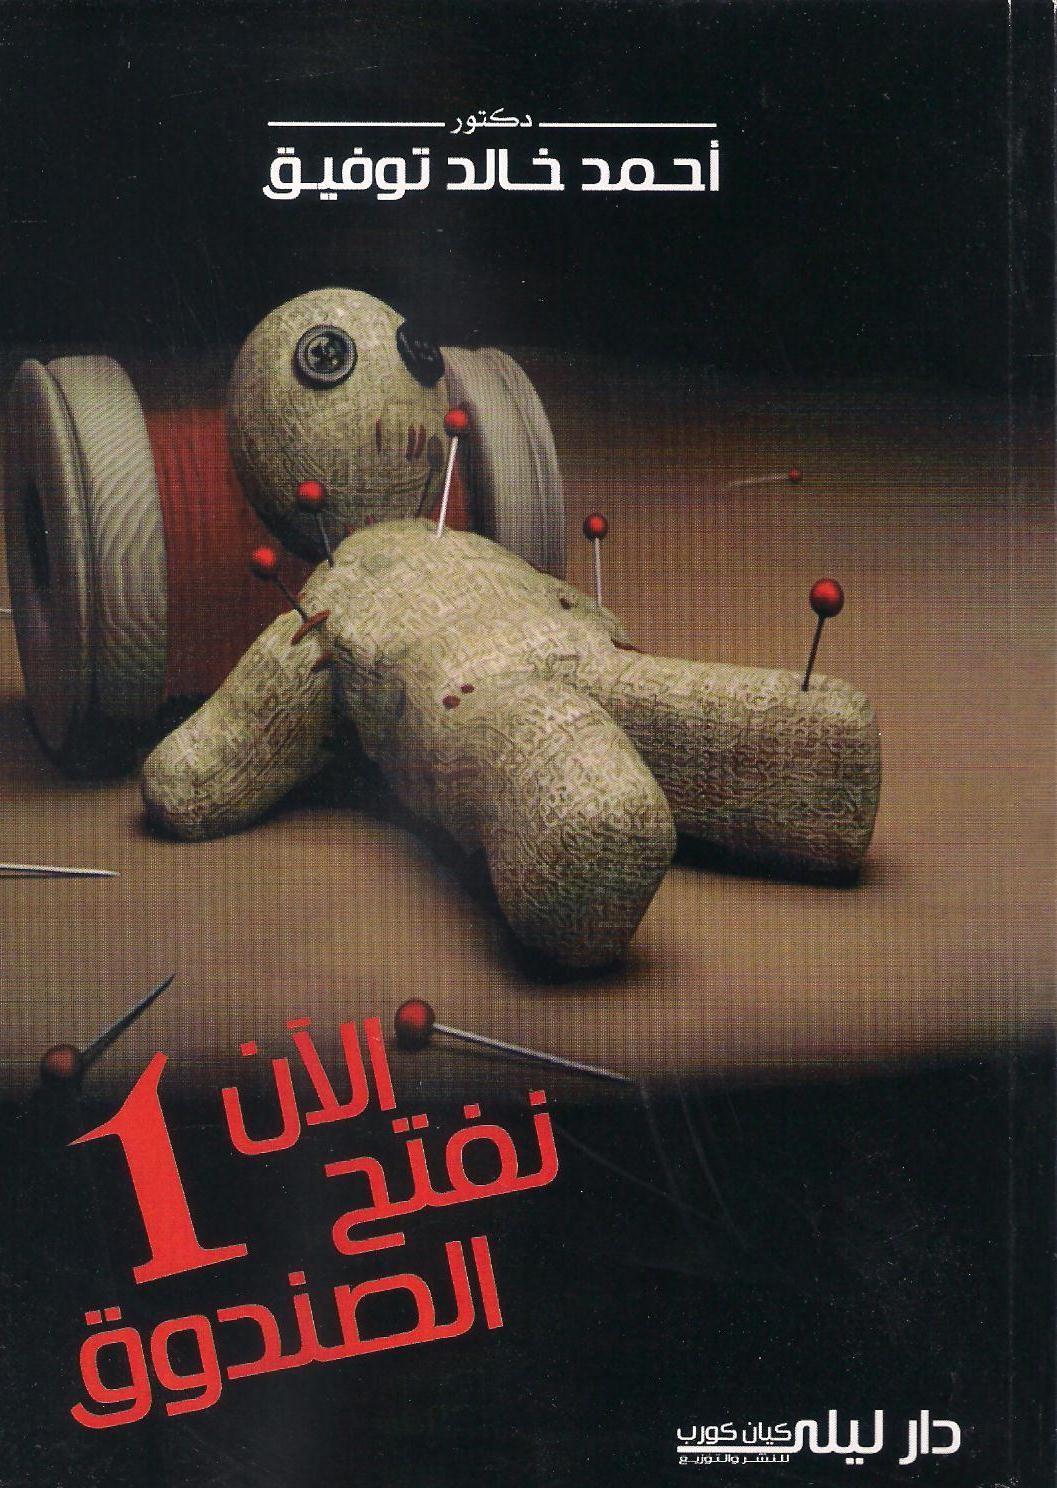 نتيجة بحث الصور عن روايات الرعب أحمد خالد توفيق